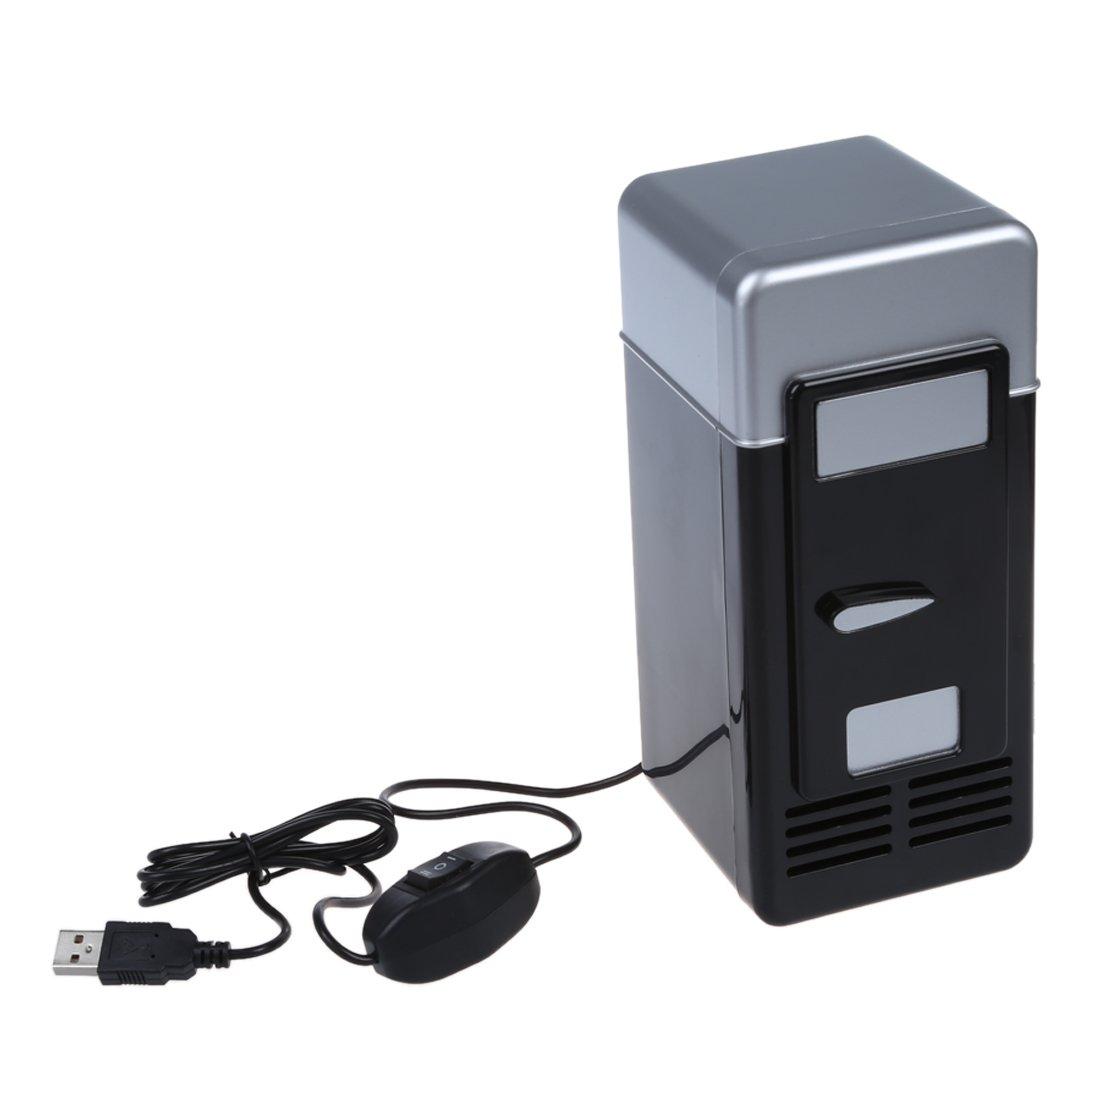 Globalflashdeal PC USB Refrigerateur Frigo Boissons Canette de Boisson Chauffe Refroidisseur